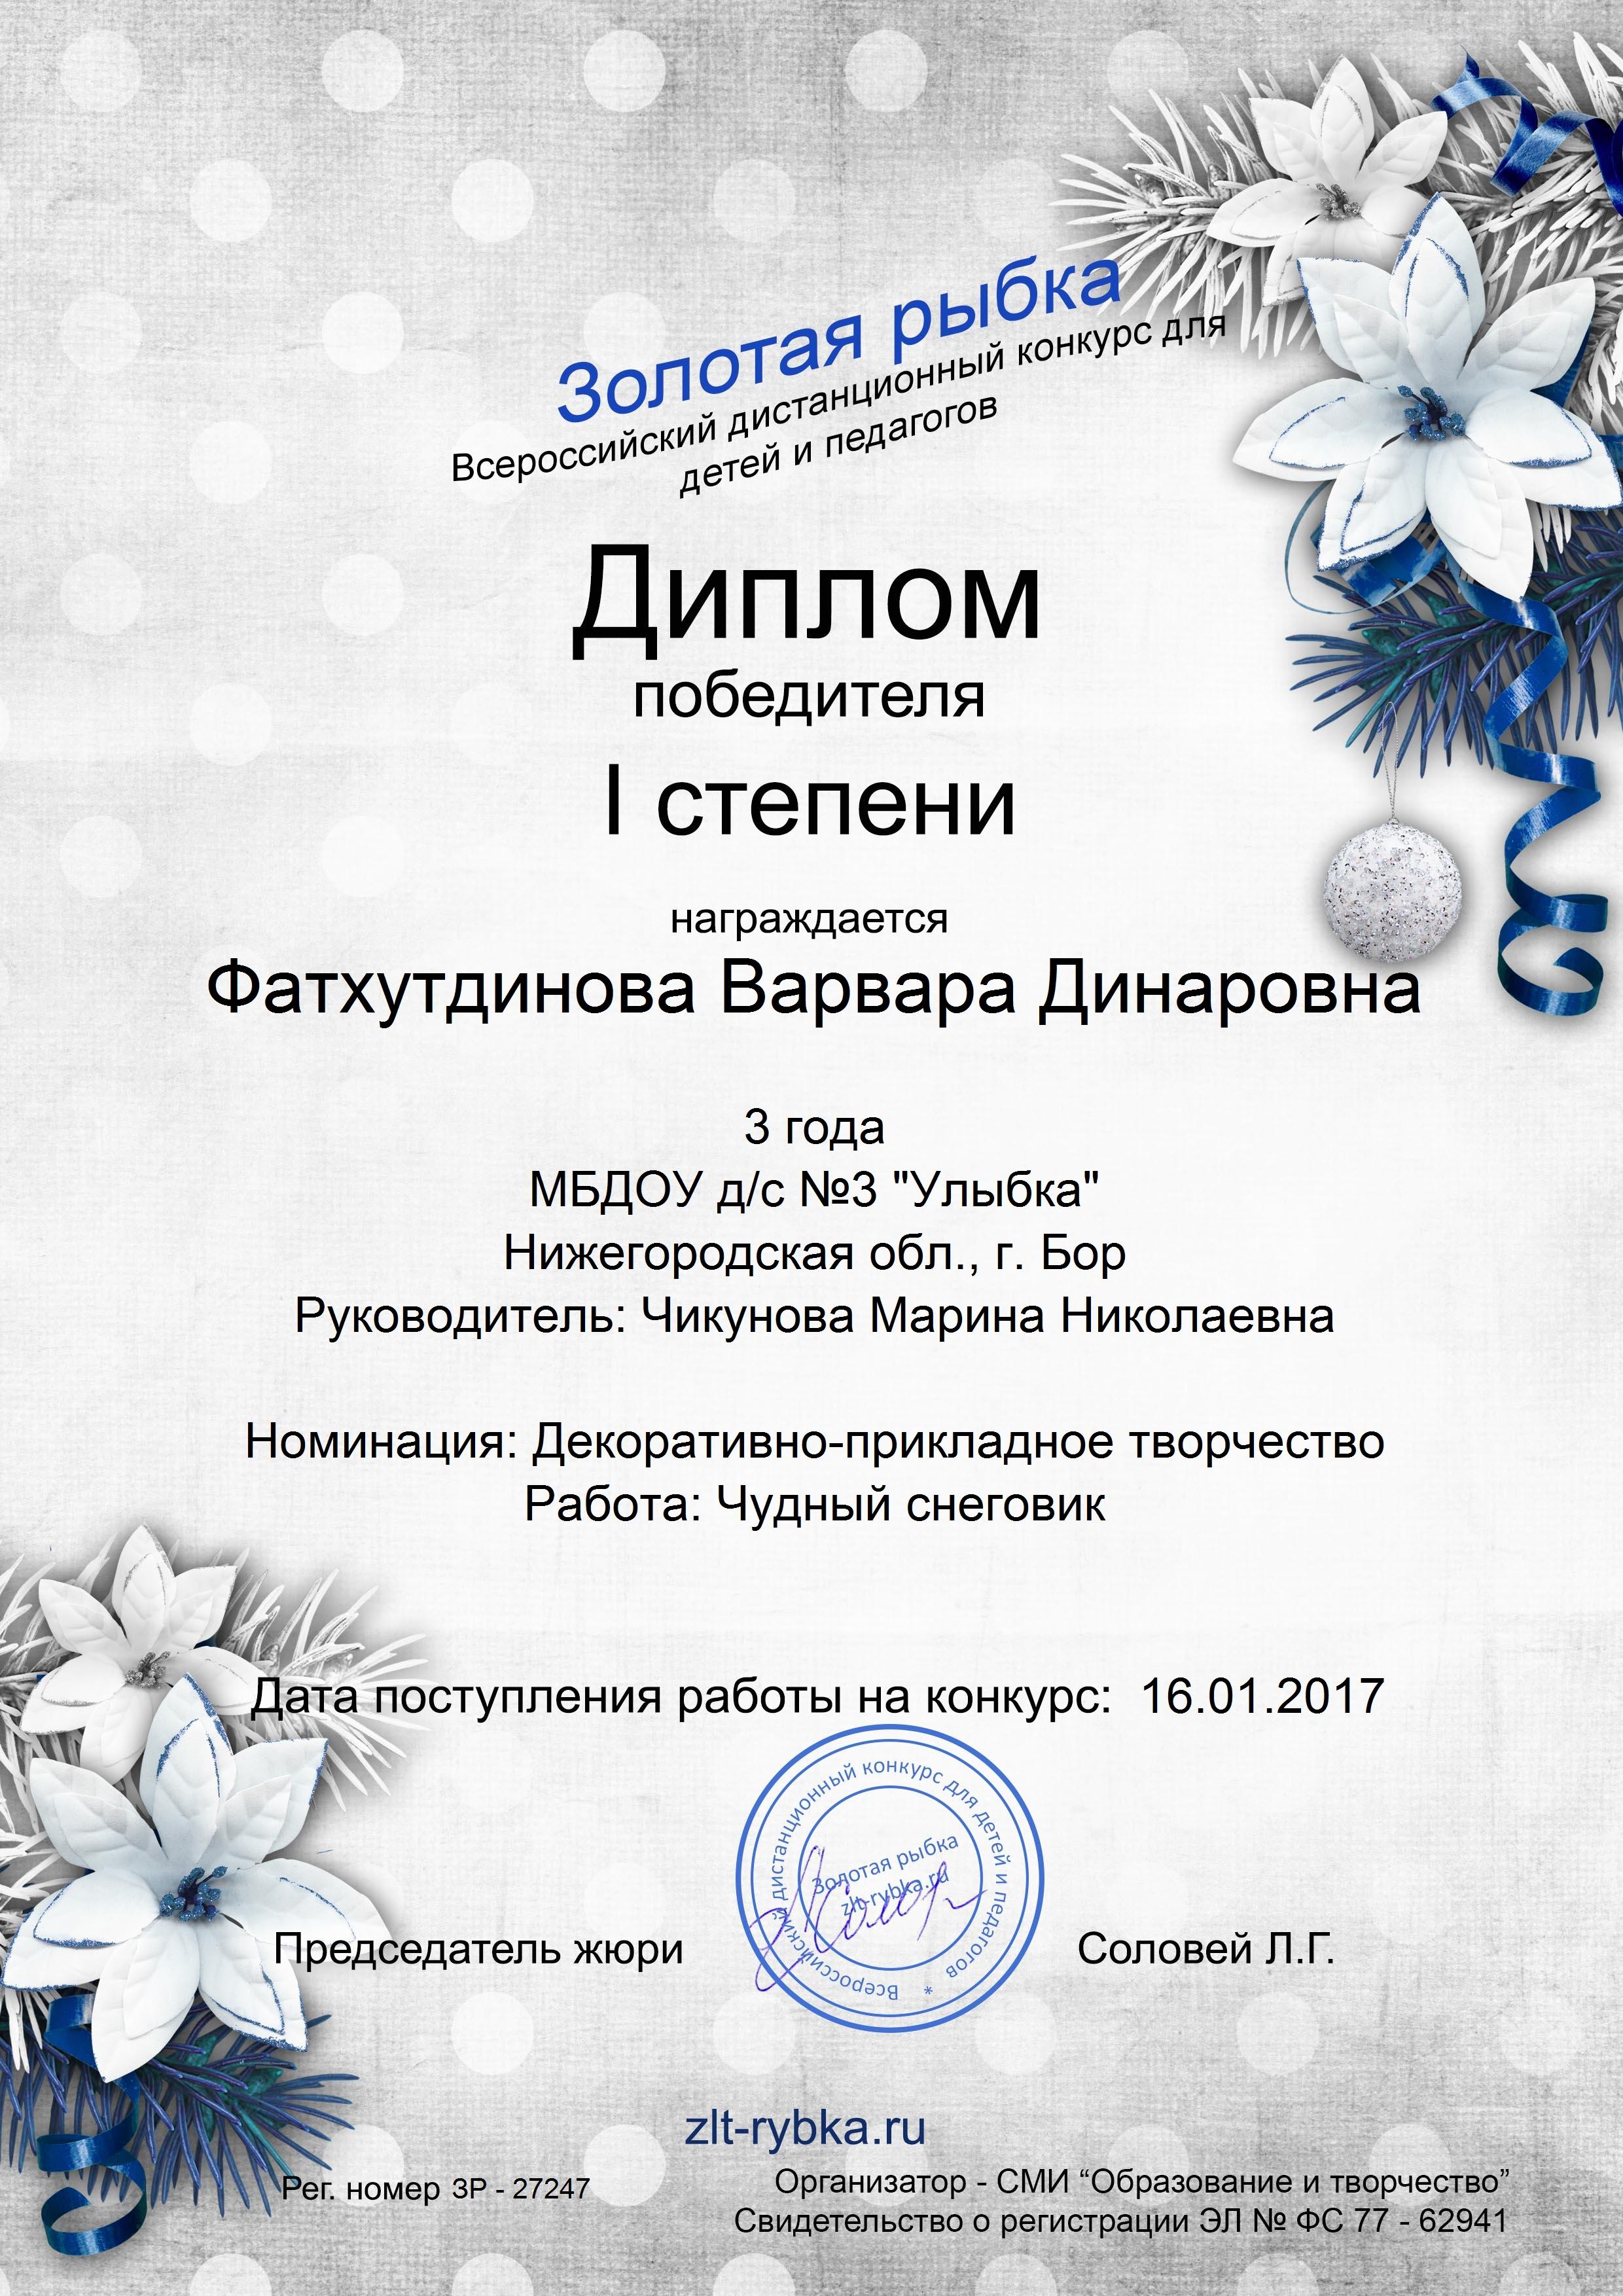 Фатхутдинова-Варвара-Динаровна.jpg